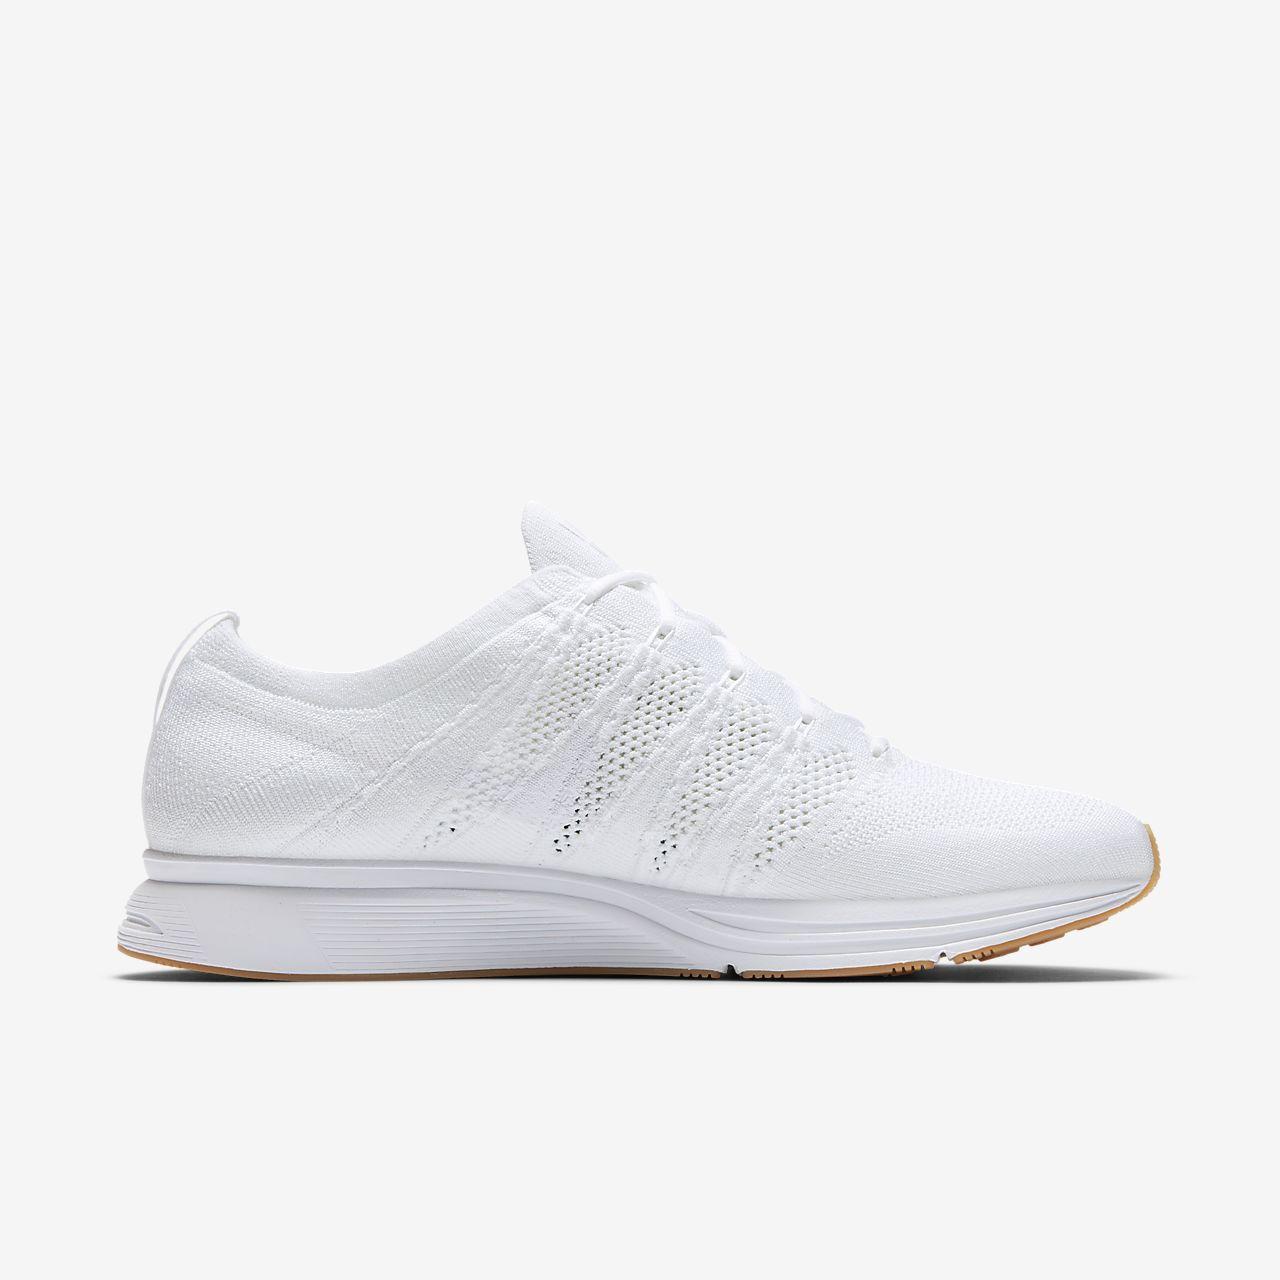 ... Nike Flyknit Trainer Unisex Shoe